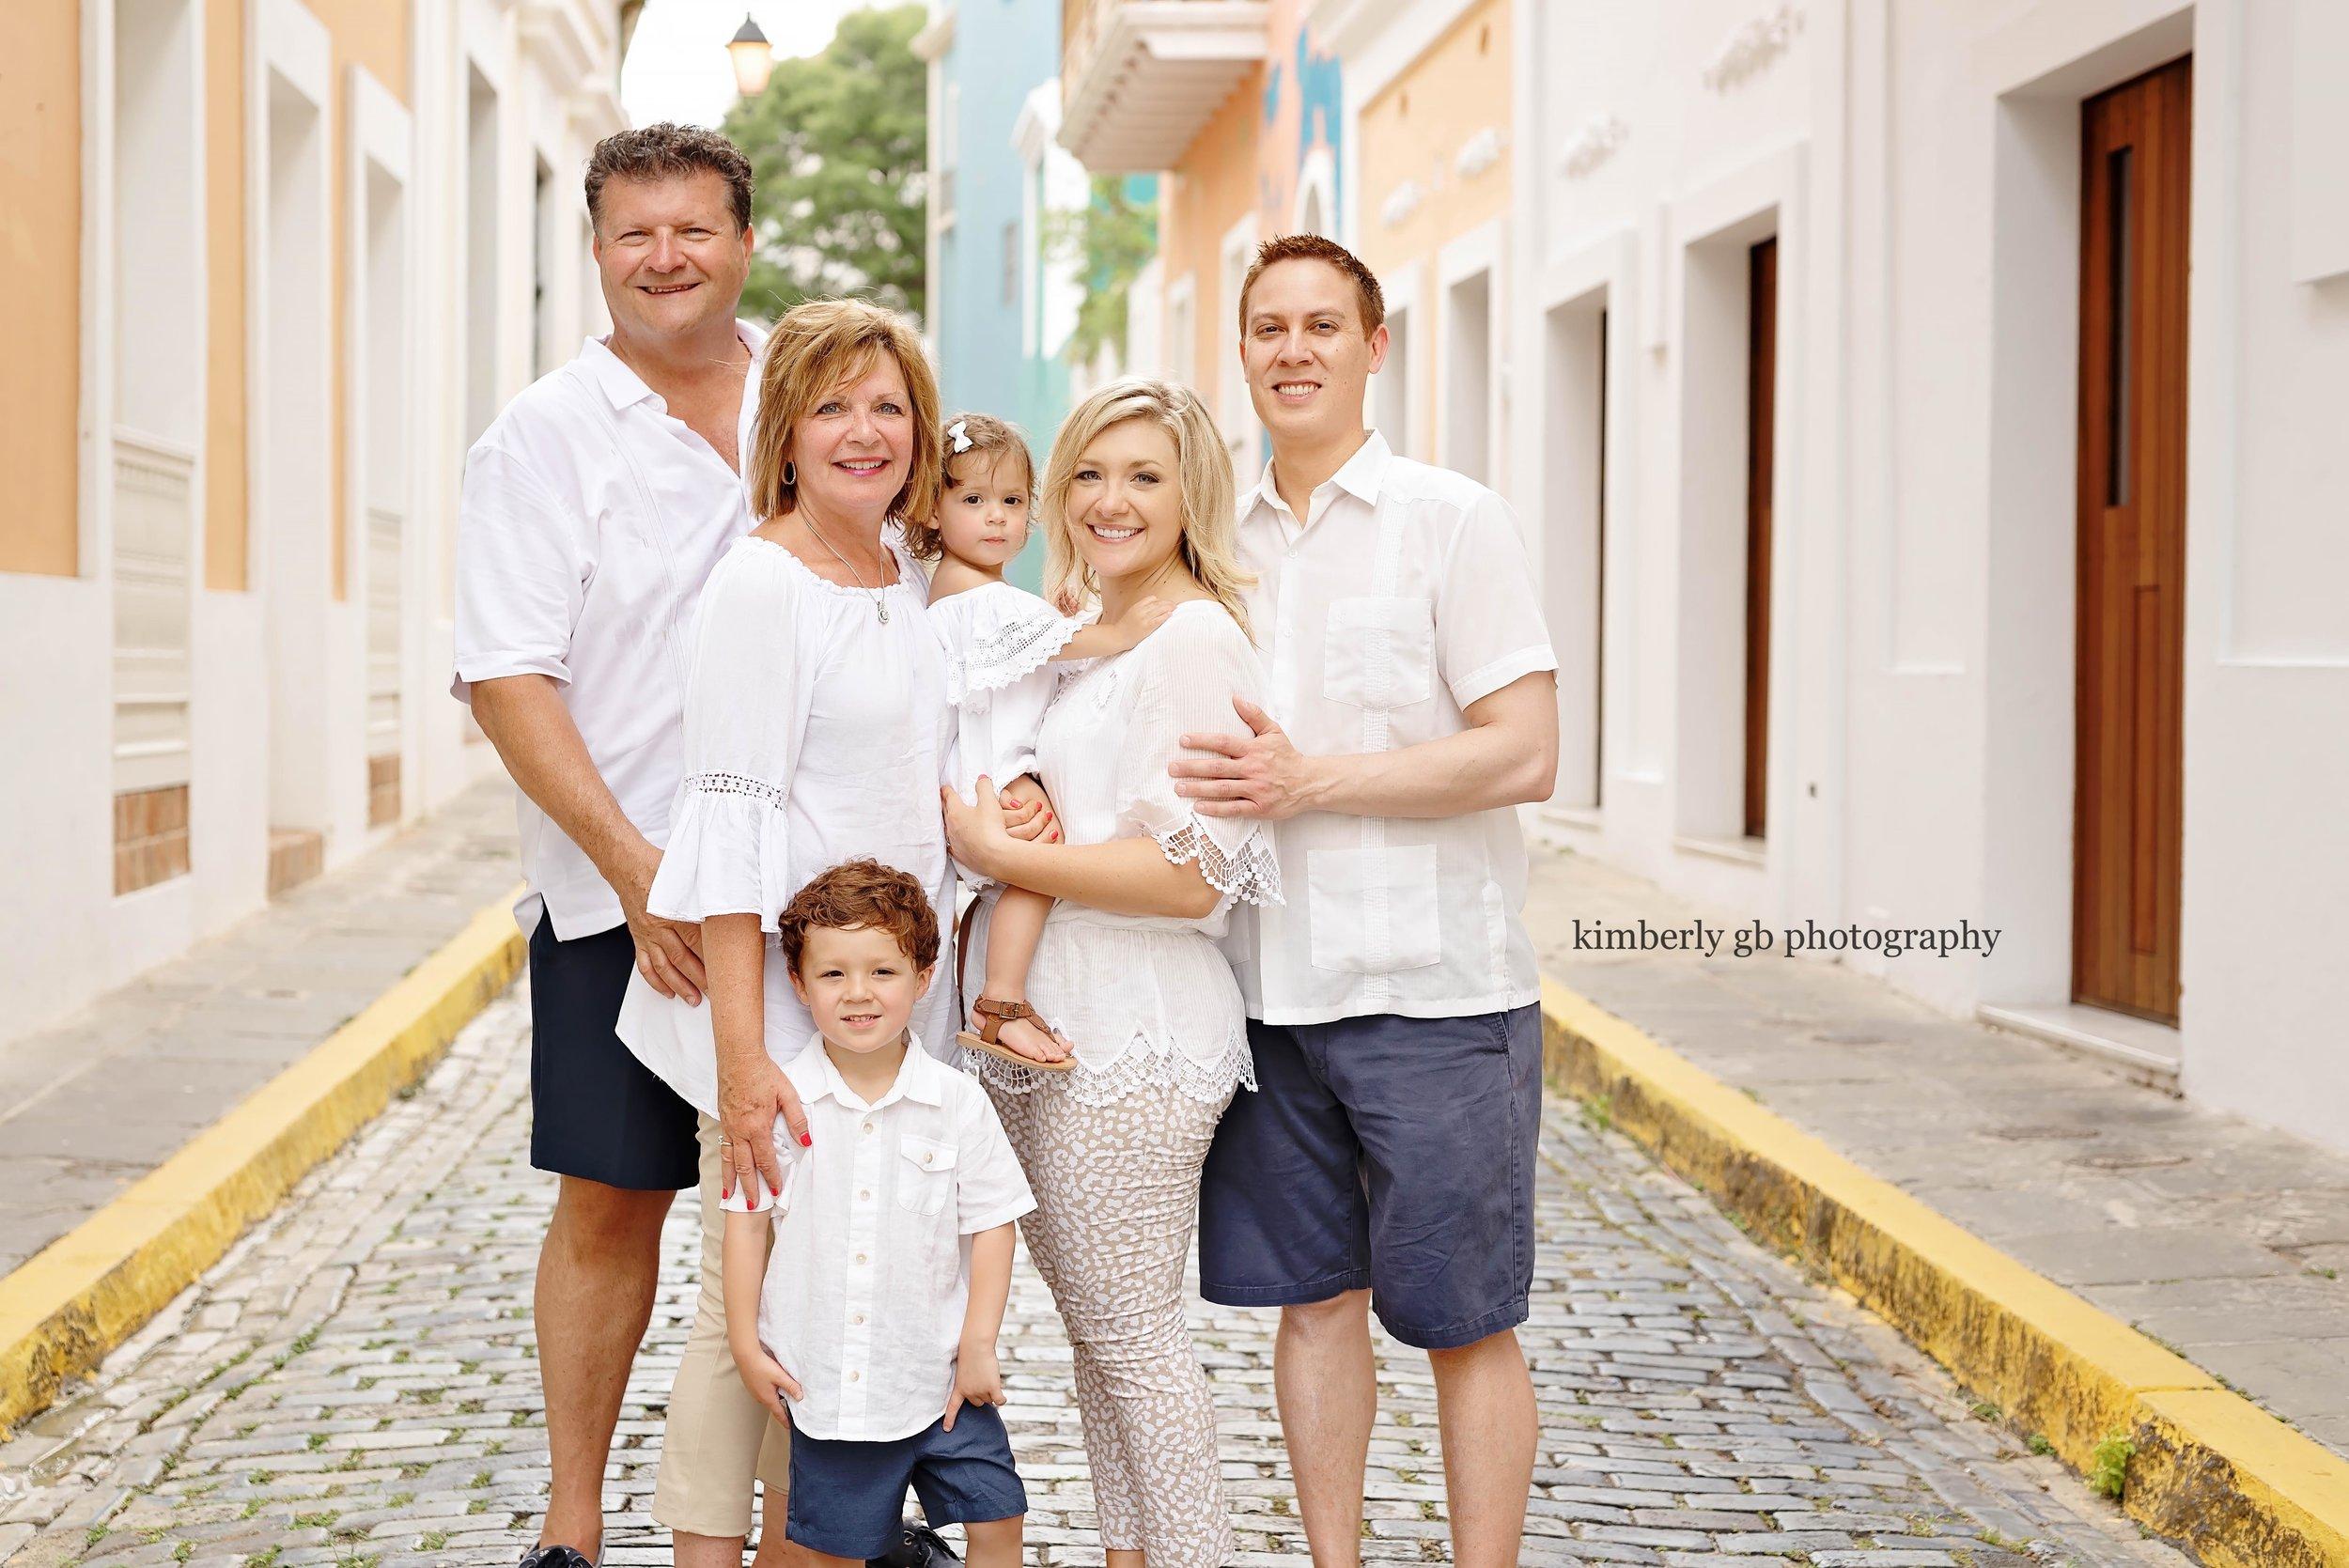 kimberly-gb-photography-fotografa-portrait-retrato-family-familia-puerto-rico-171.jpg